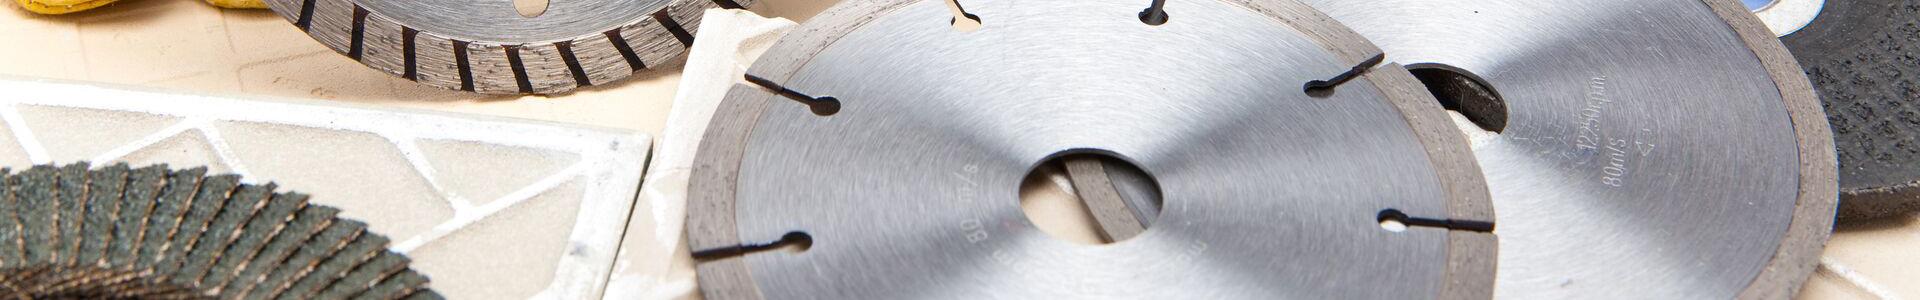 Vente de disques abrasifs pour meuleuses